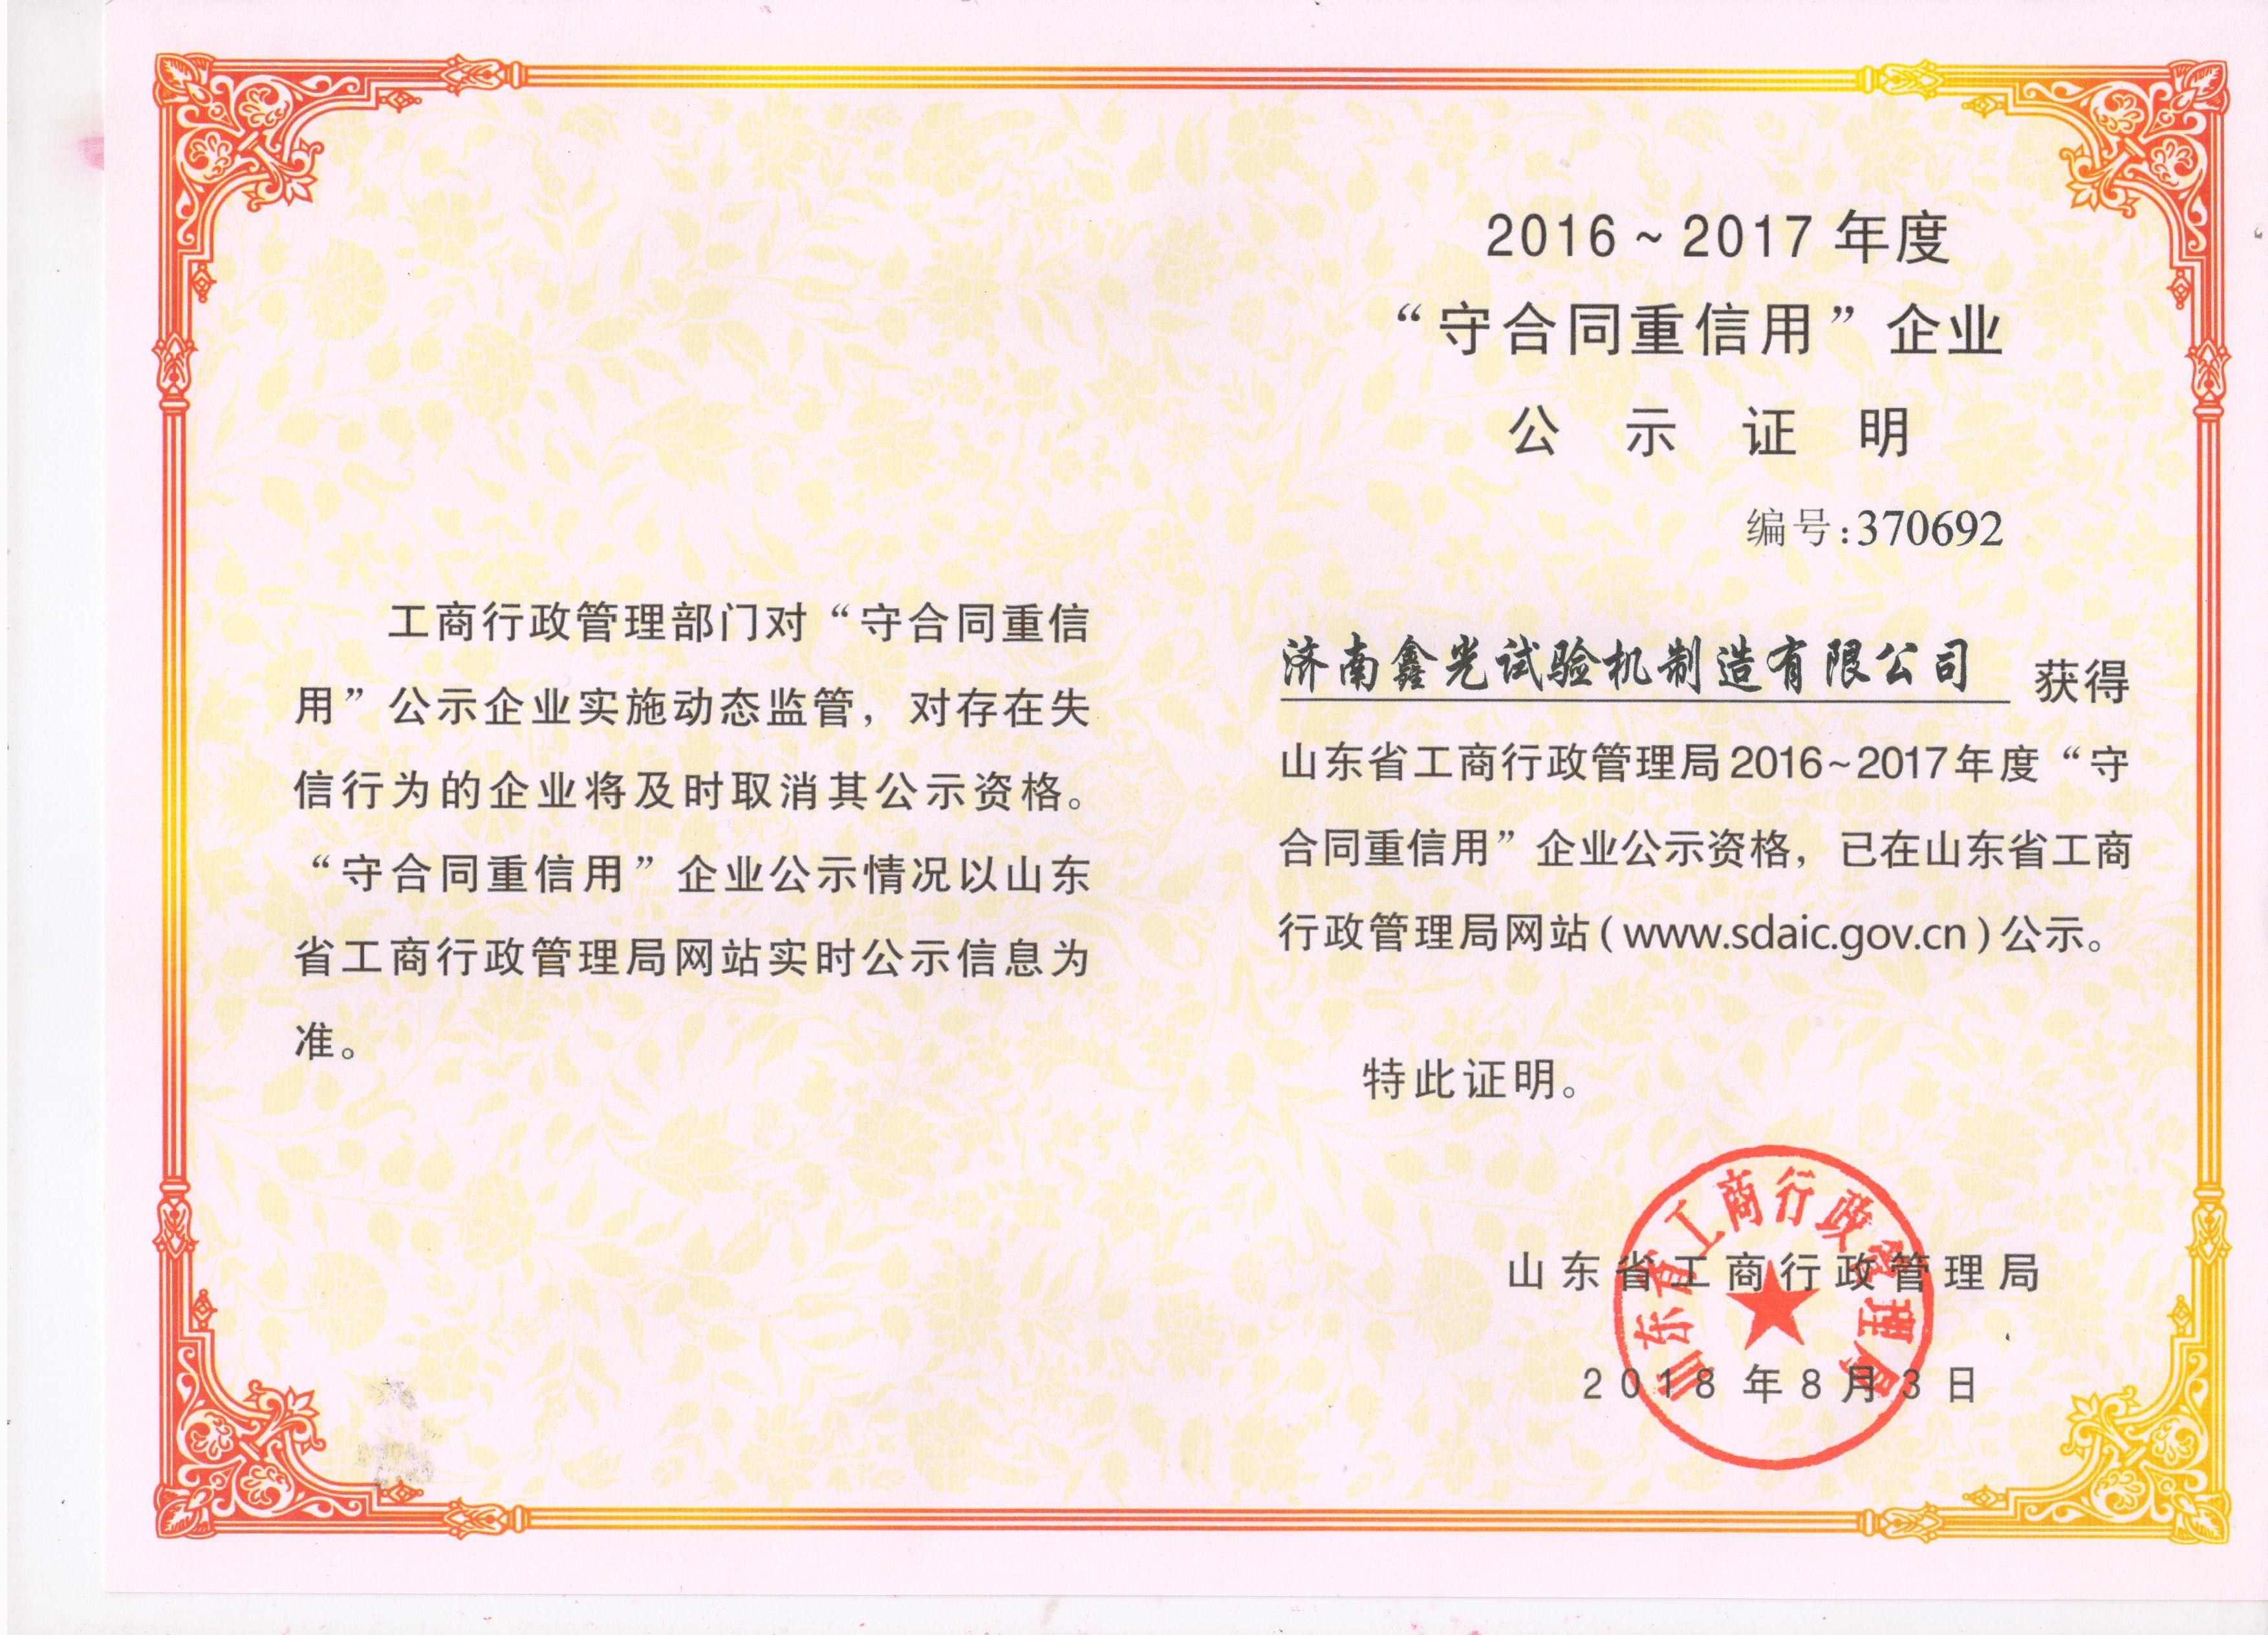 2016-2017年度山东省首合同重信用.jpg